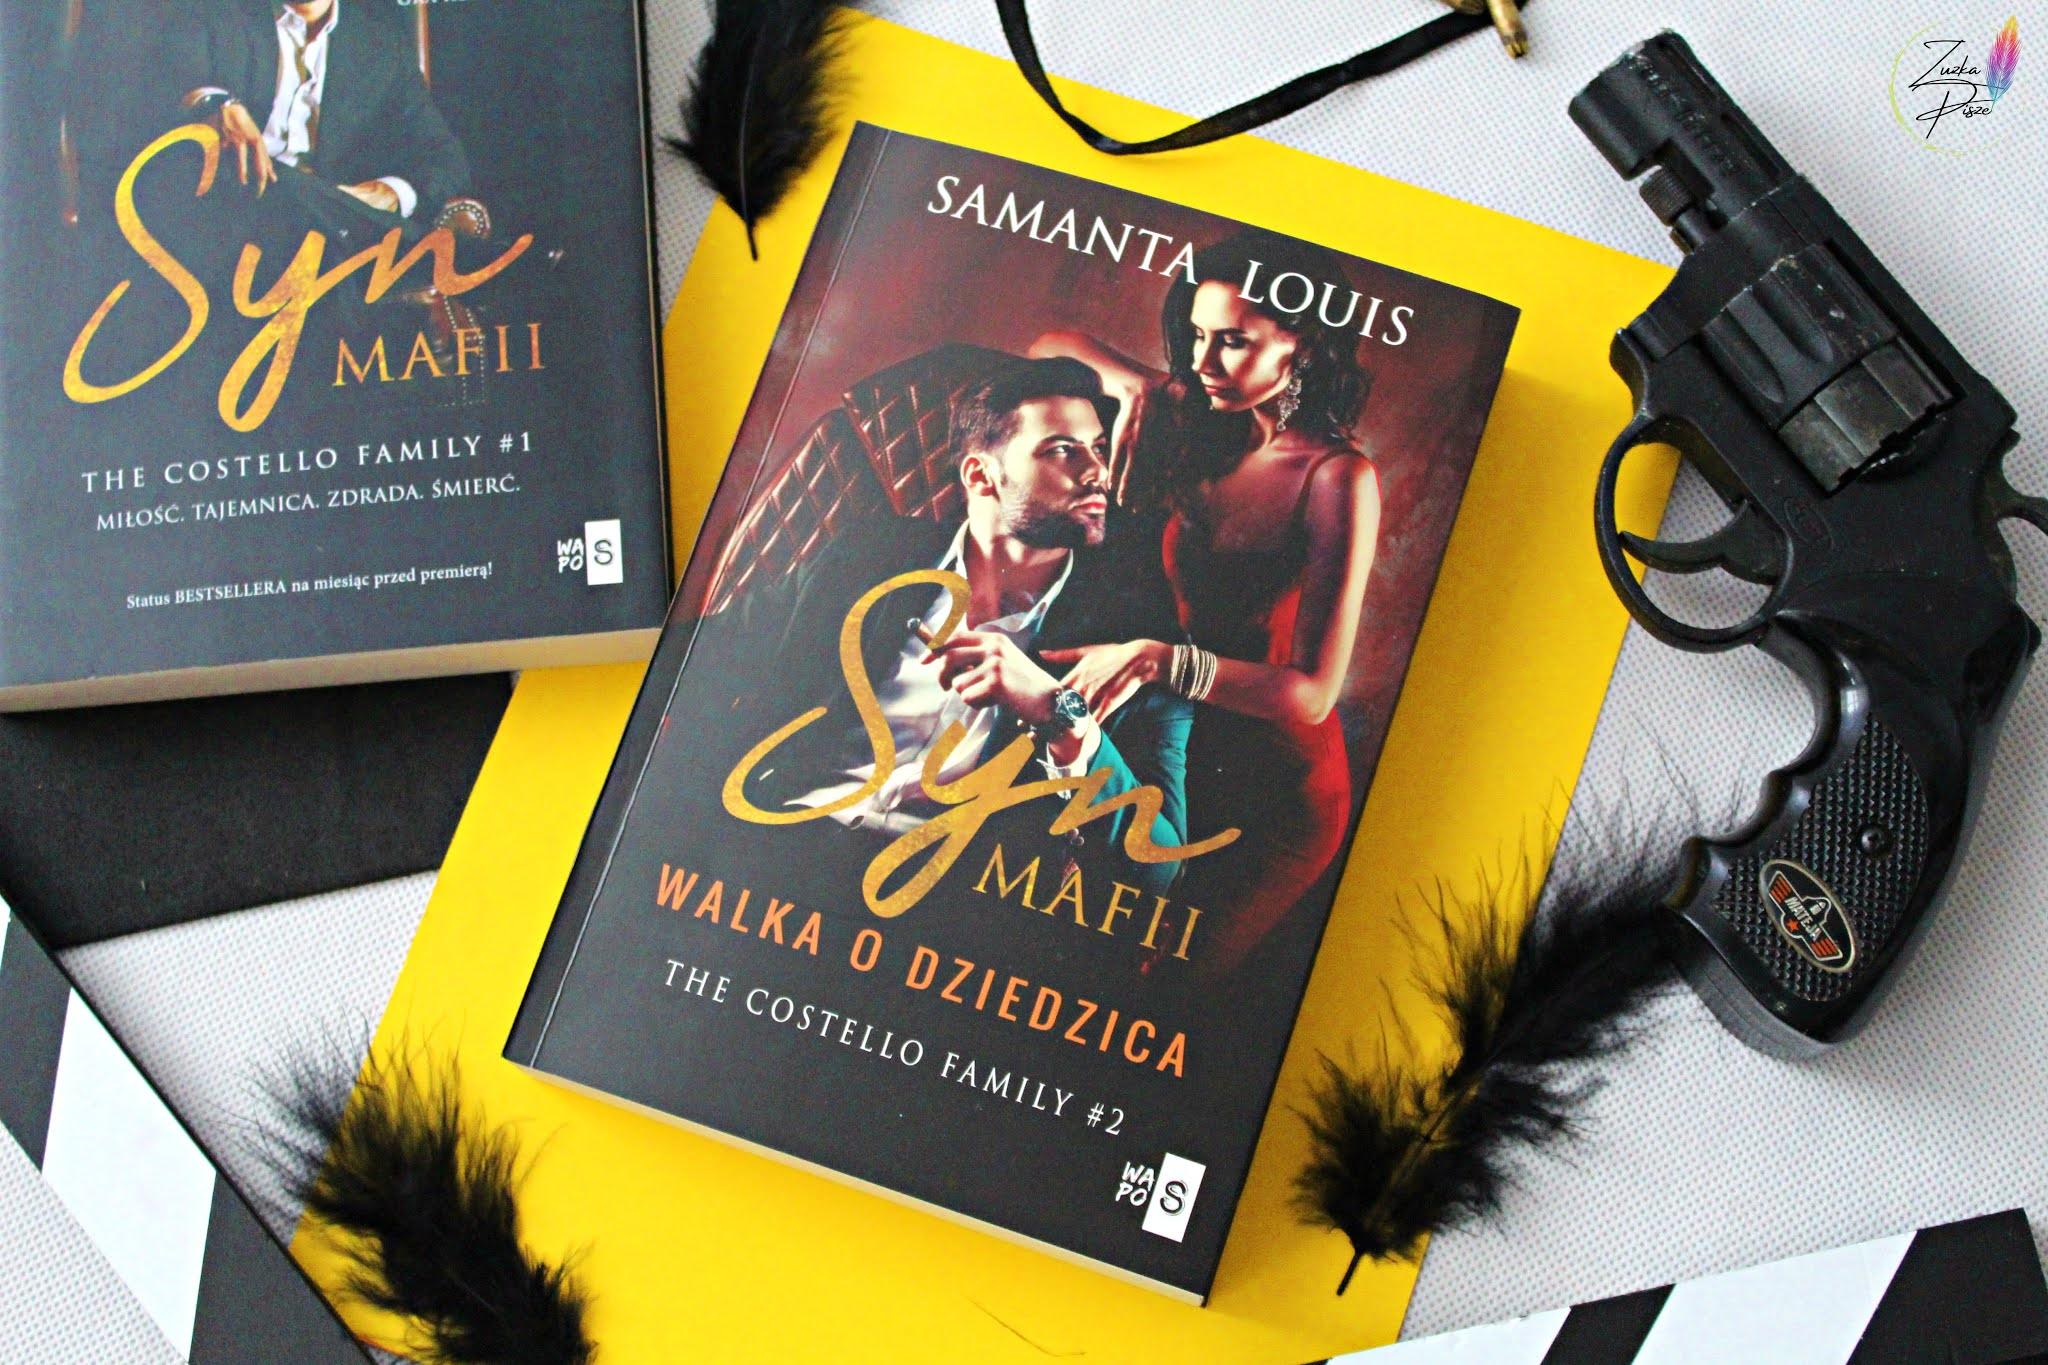 """Samanta Louis """"Syna mafii. Walka o dziedzica"""" - recenzja patronacka"""